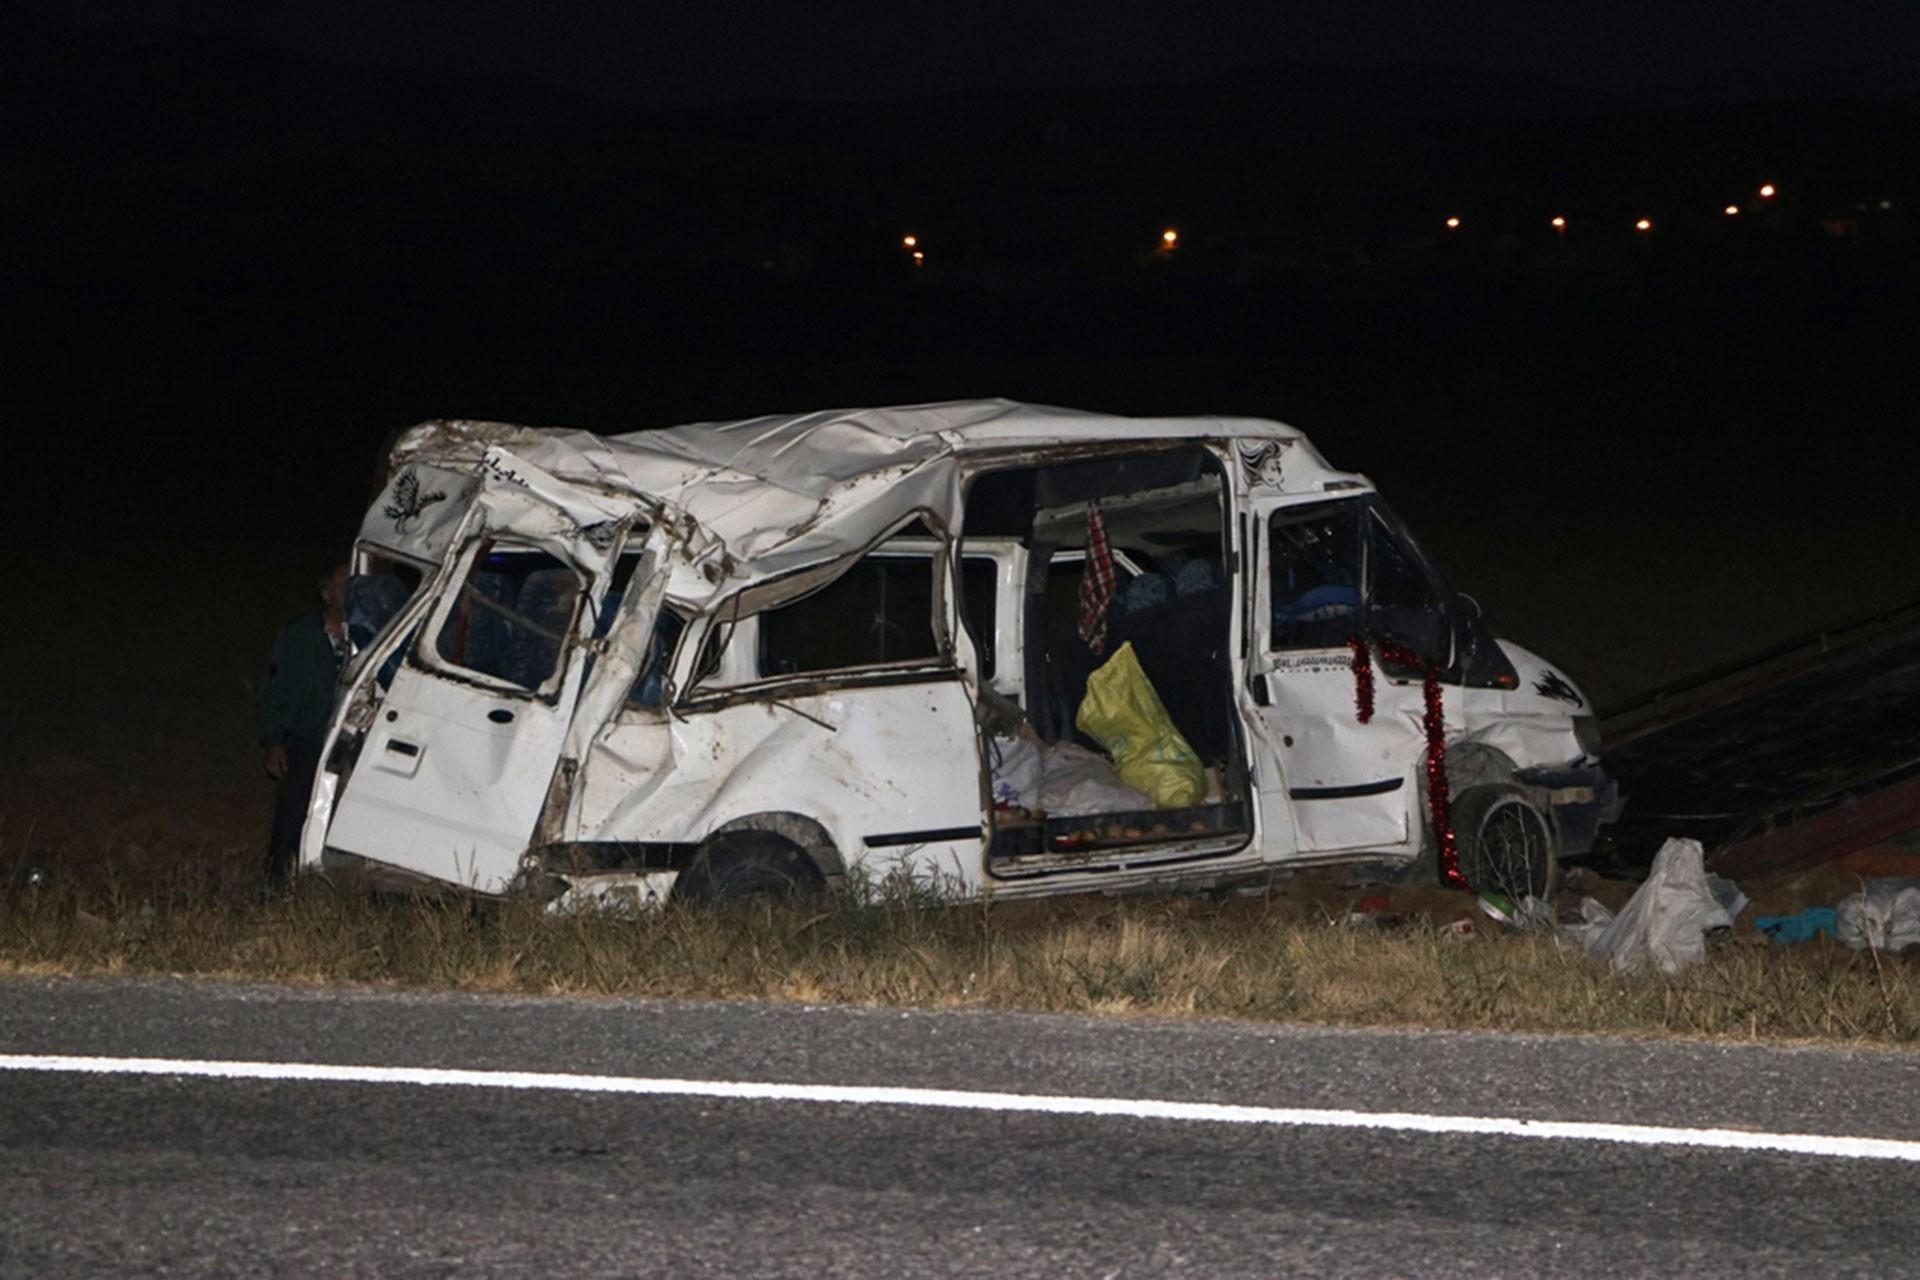 Suriyeli işçileri taşıyan minibüs kaza yaptı: 4'ü ağır, 14 yaralı